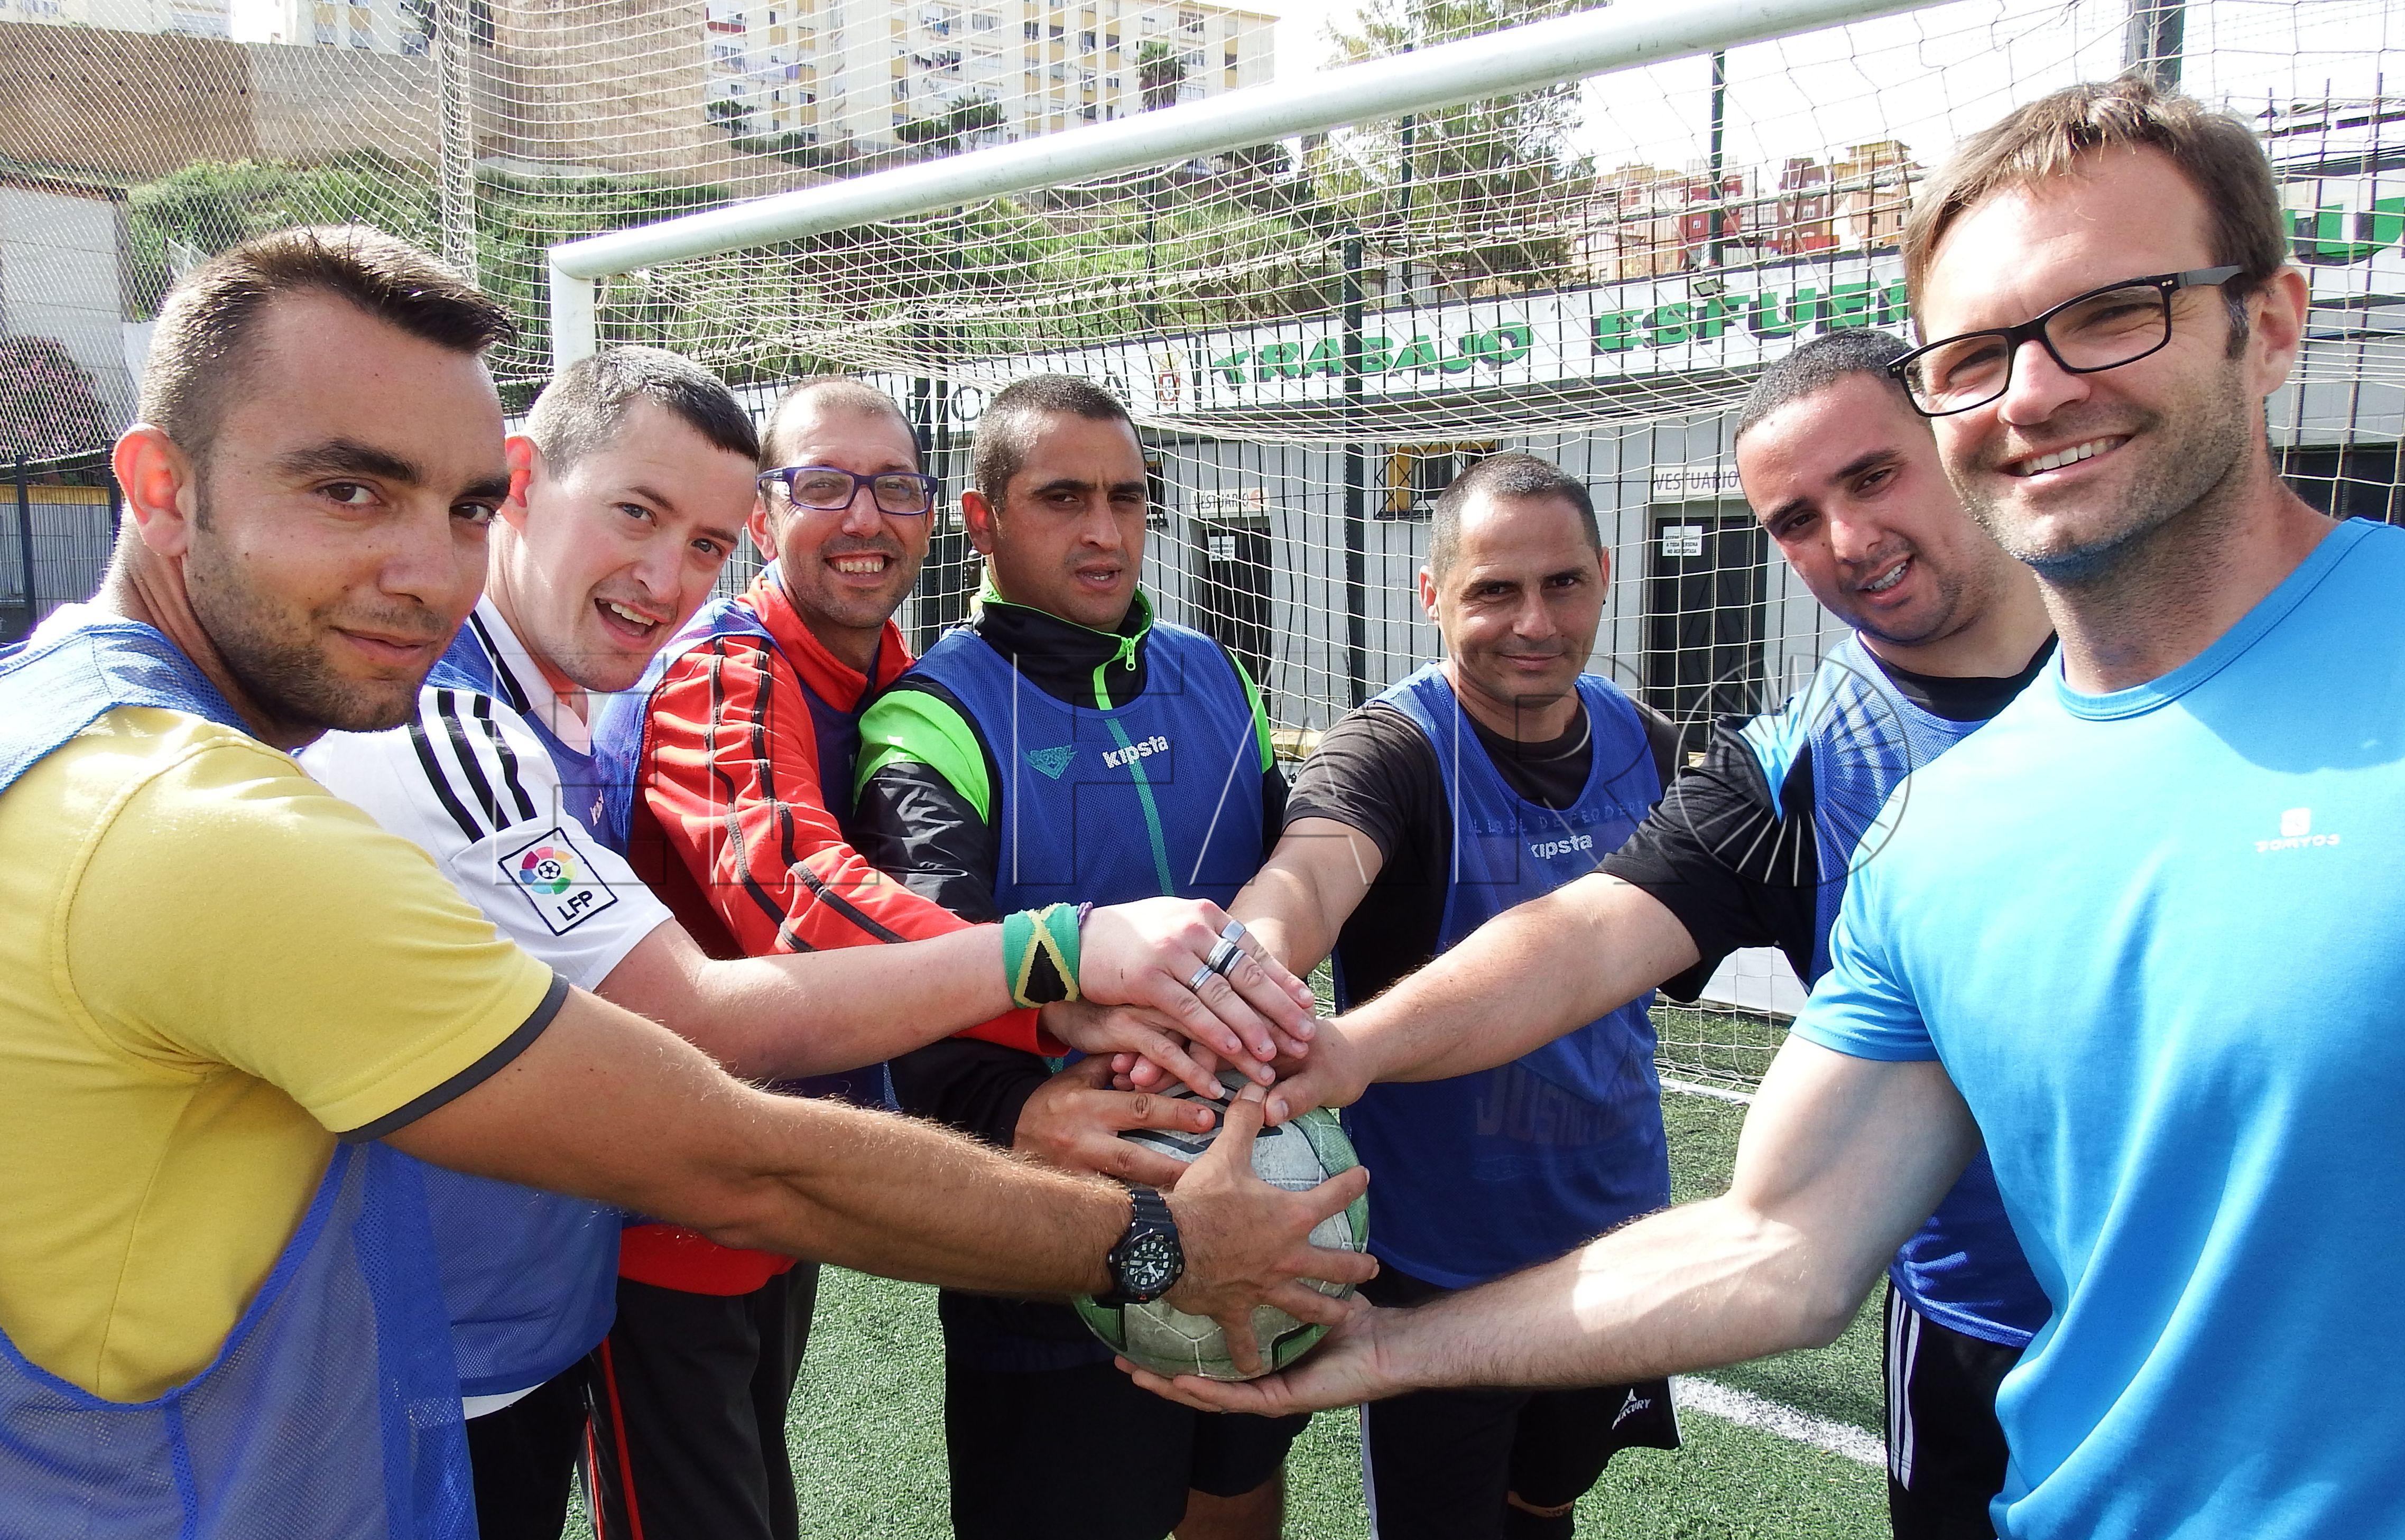 Plena inclusión Ceuta participa en el VII Campeonato Nacional de Fútbol 7 Unificado